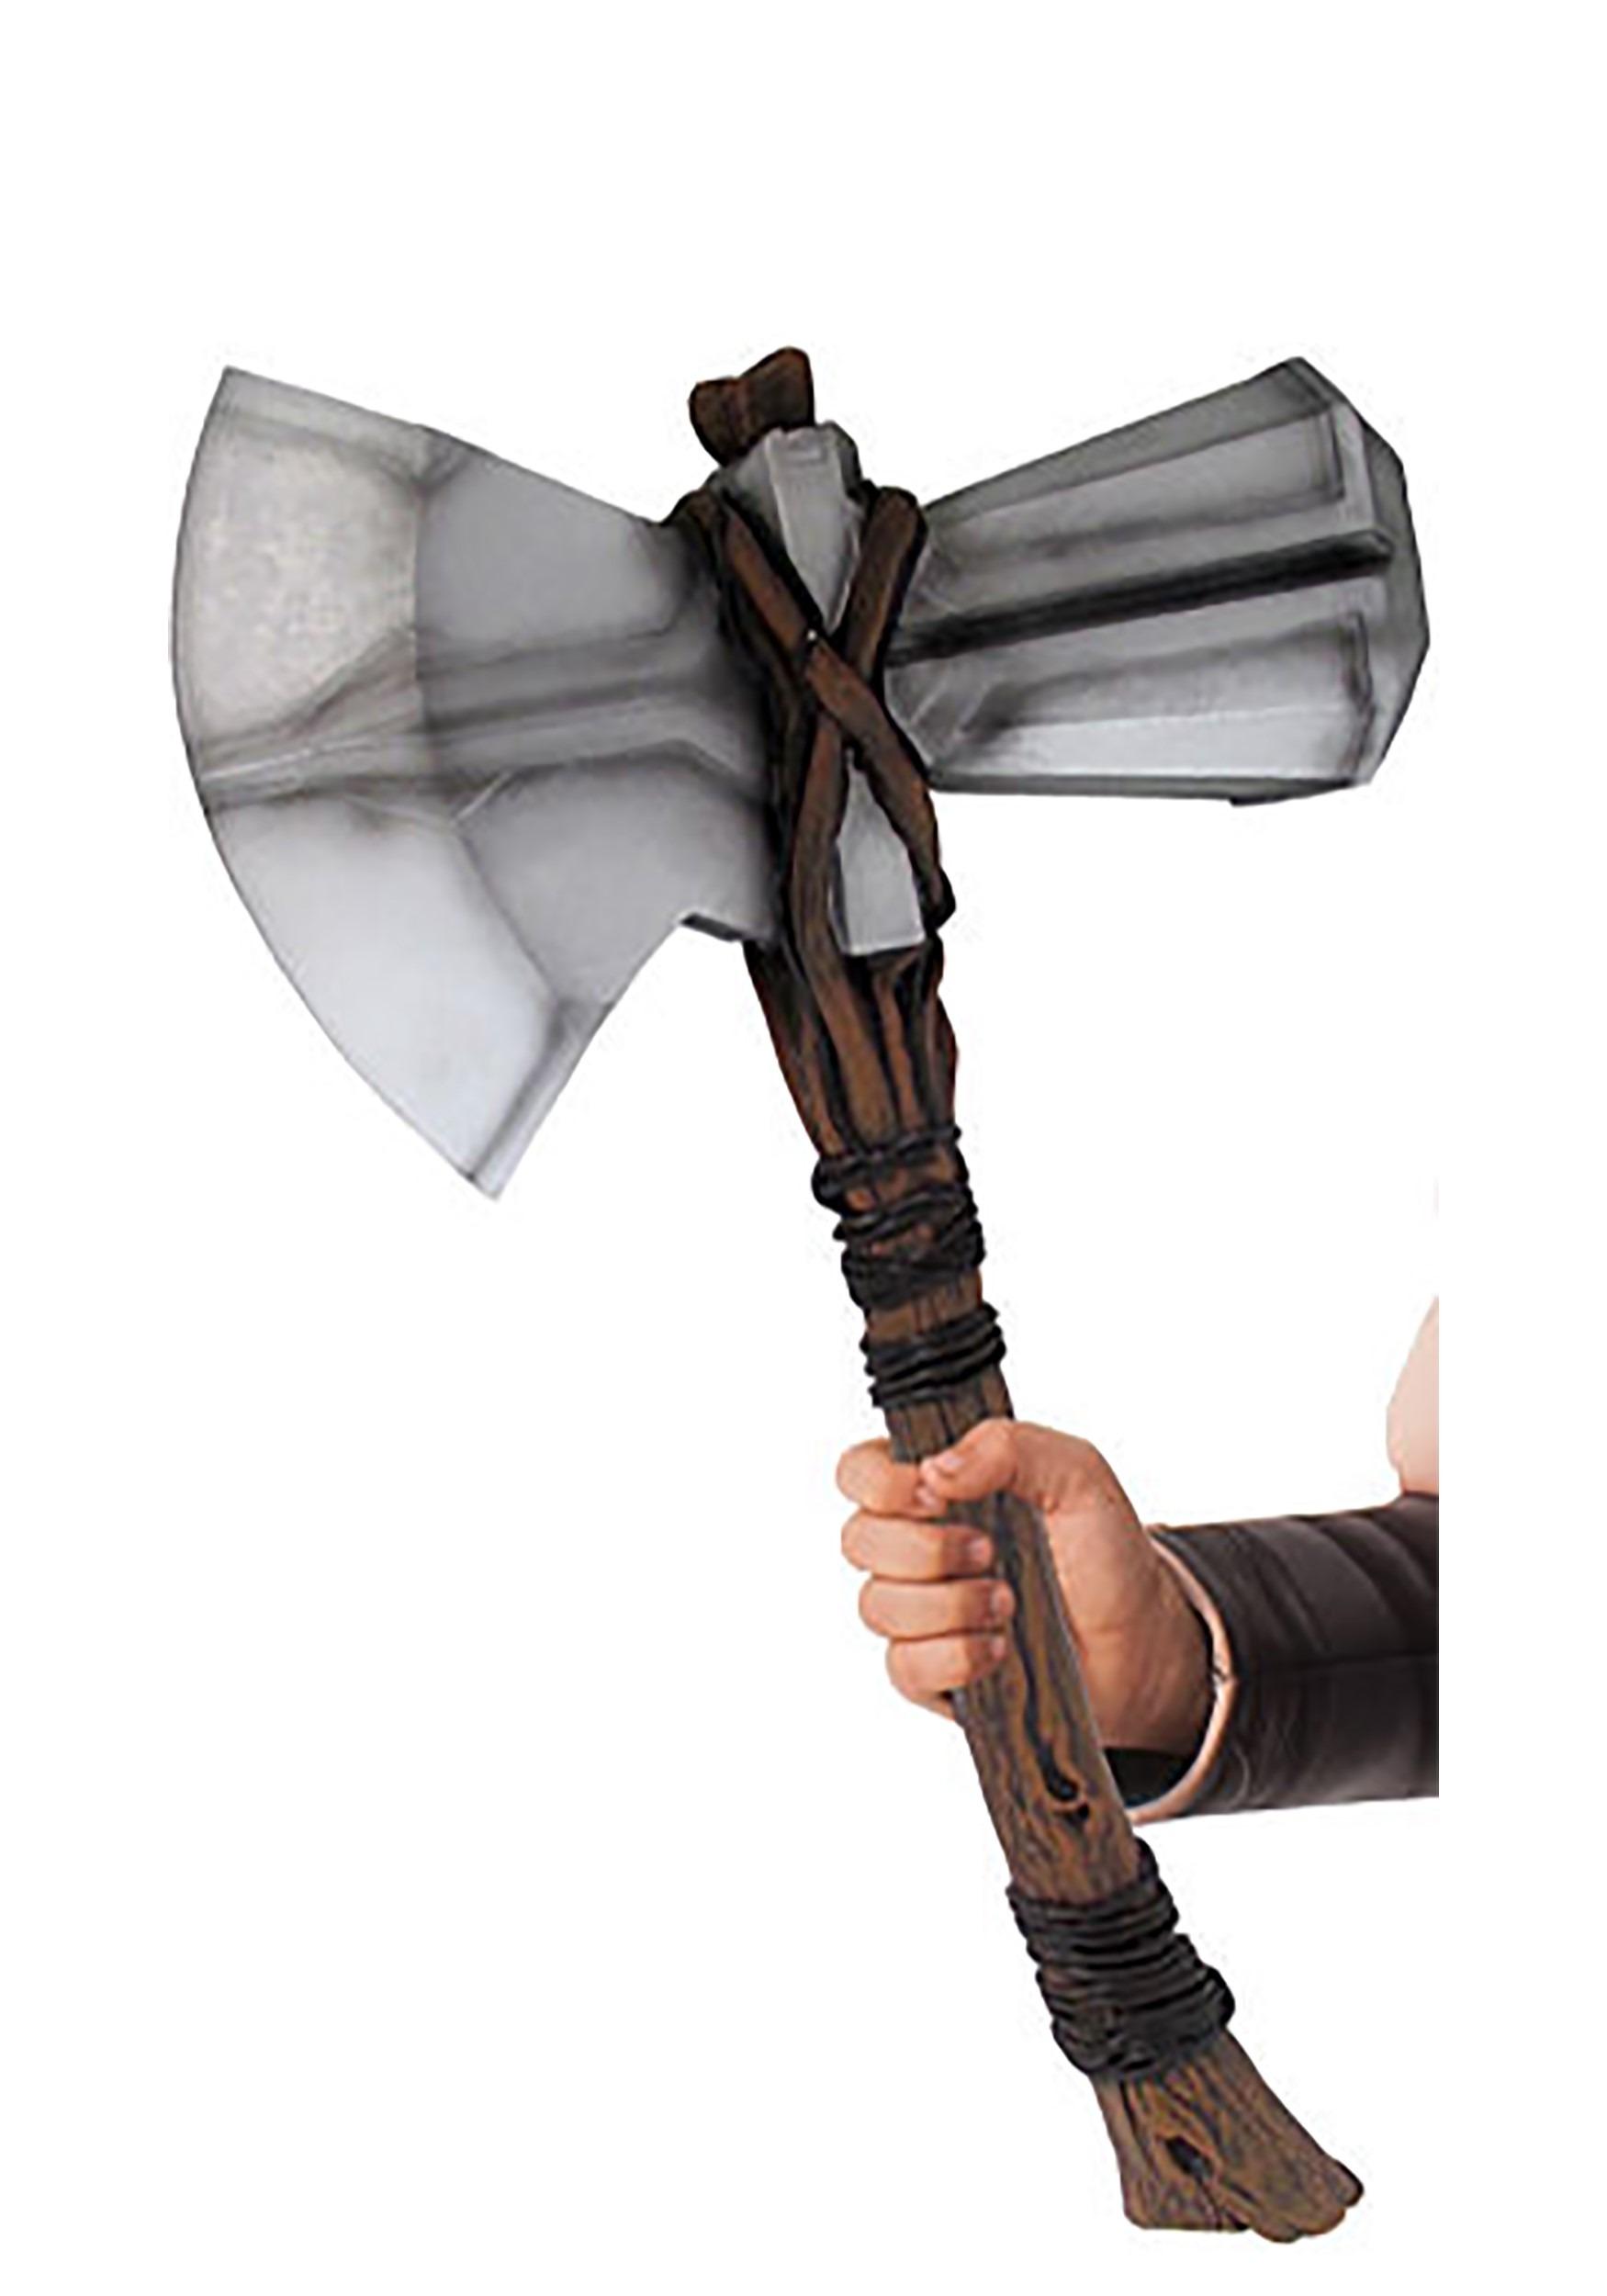 Avengers Thor Strombreaker Endgame Axe